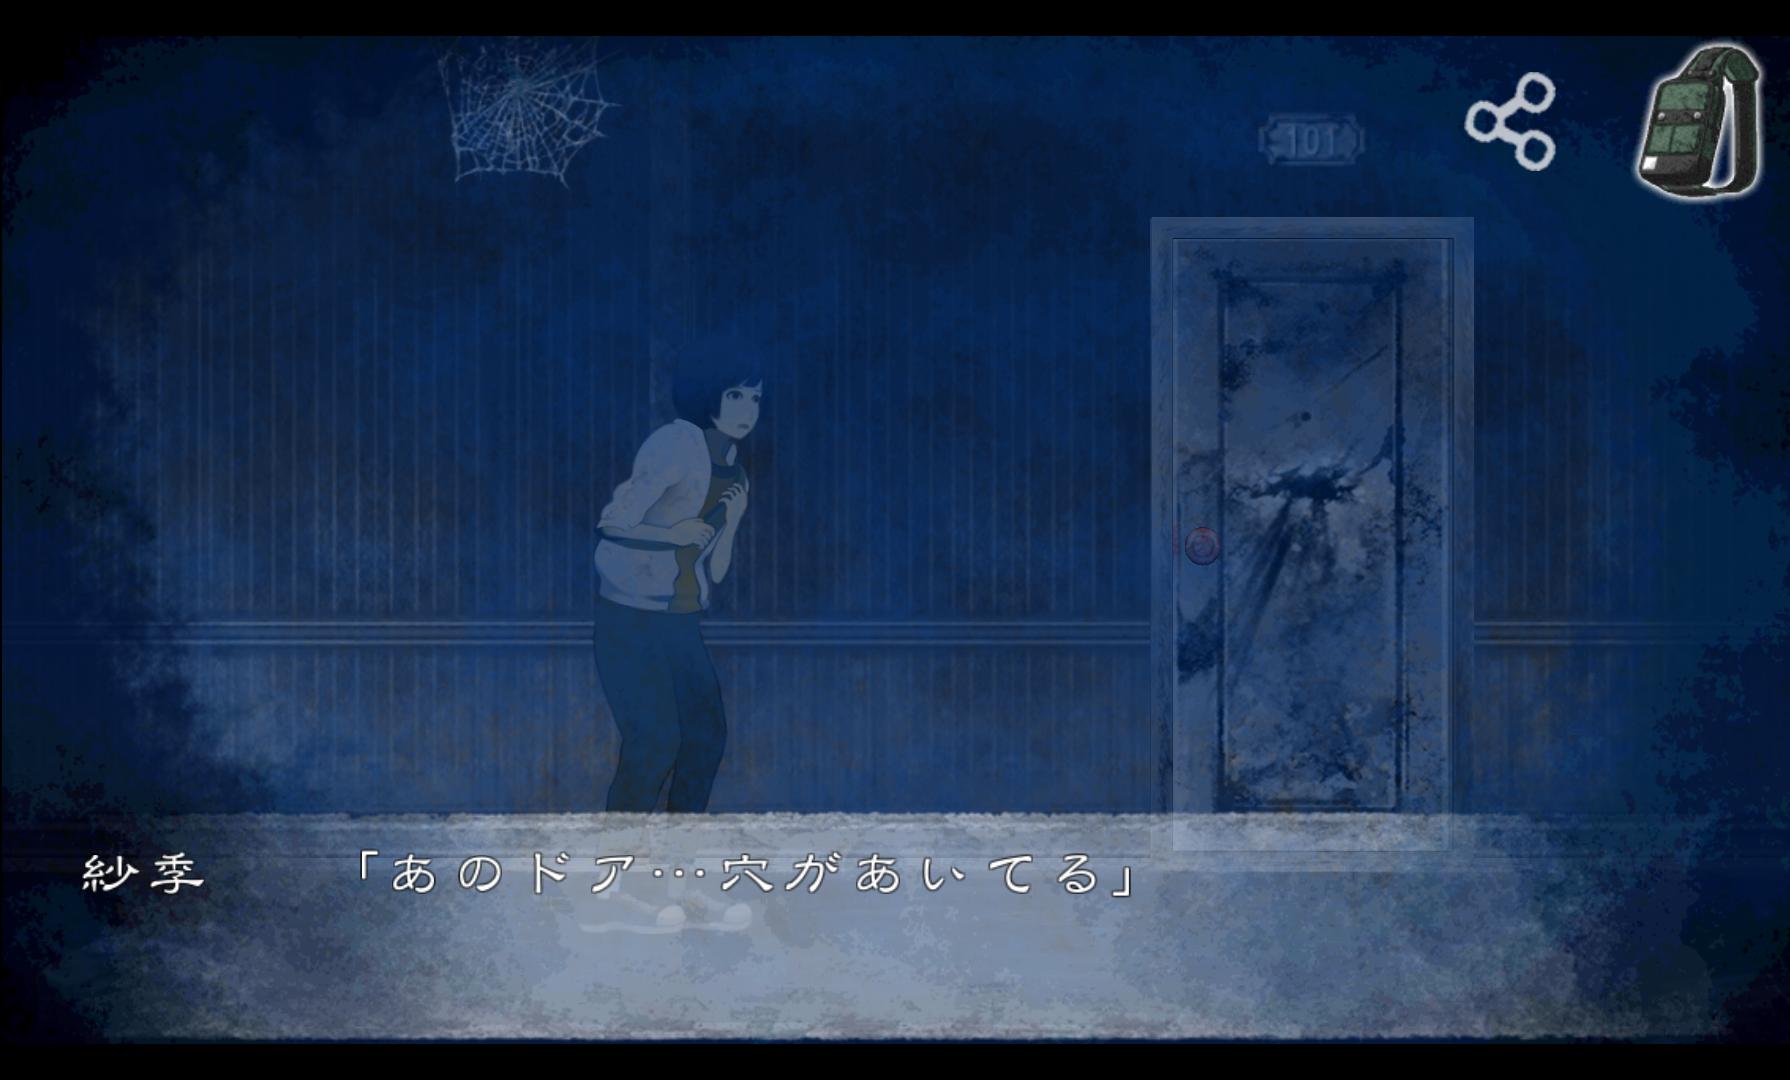 ホラー夏休み - 呪われた廃虚からの脱出 - androidアプリスクリーンショット1